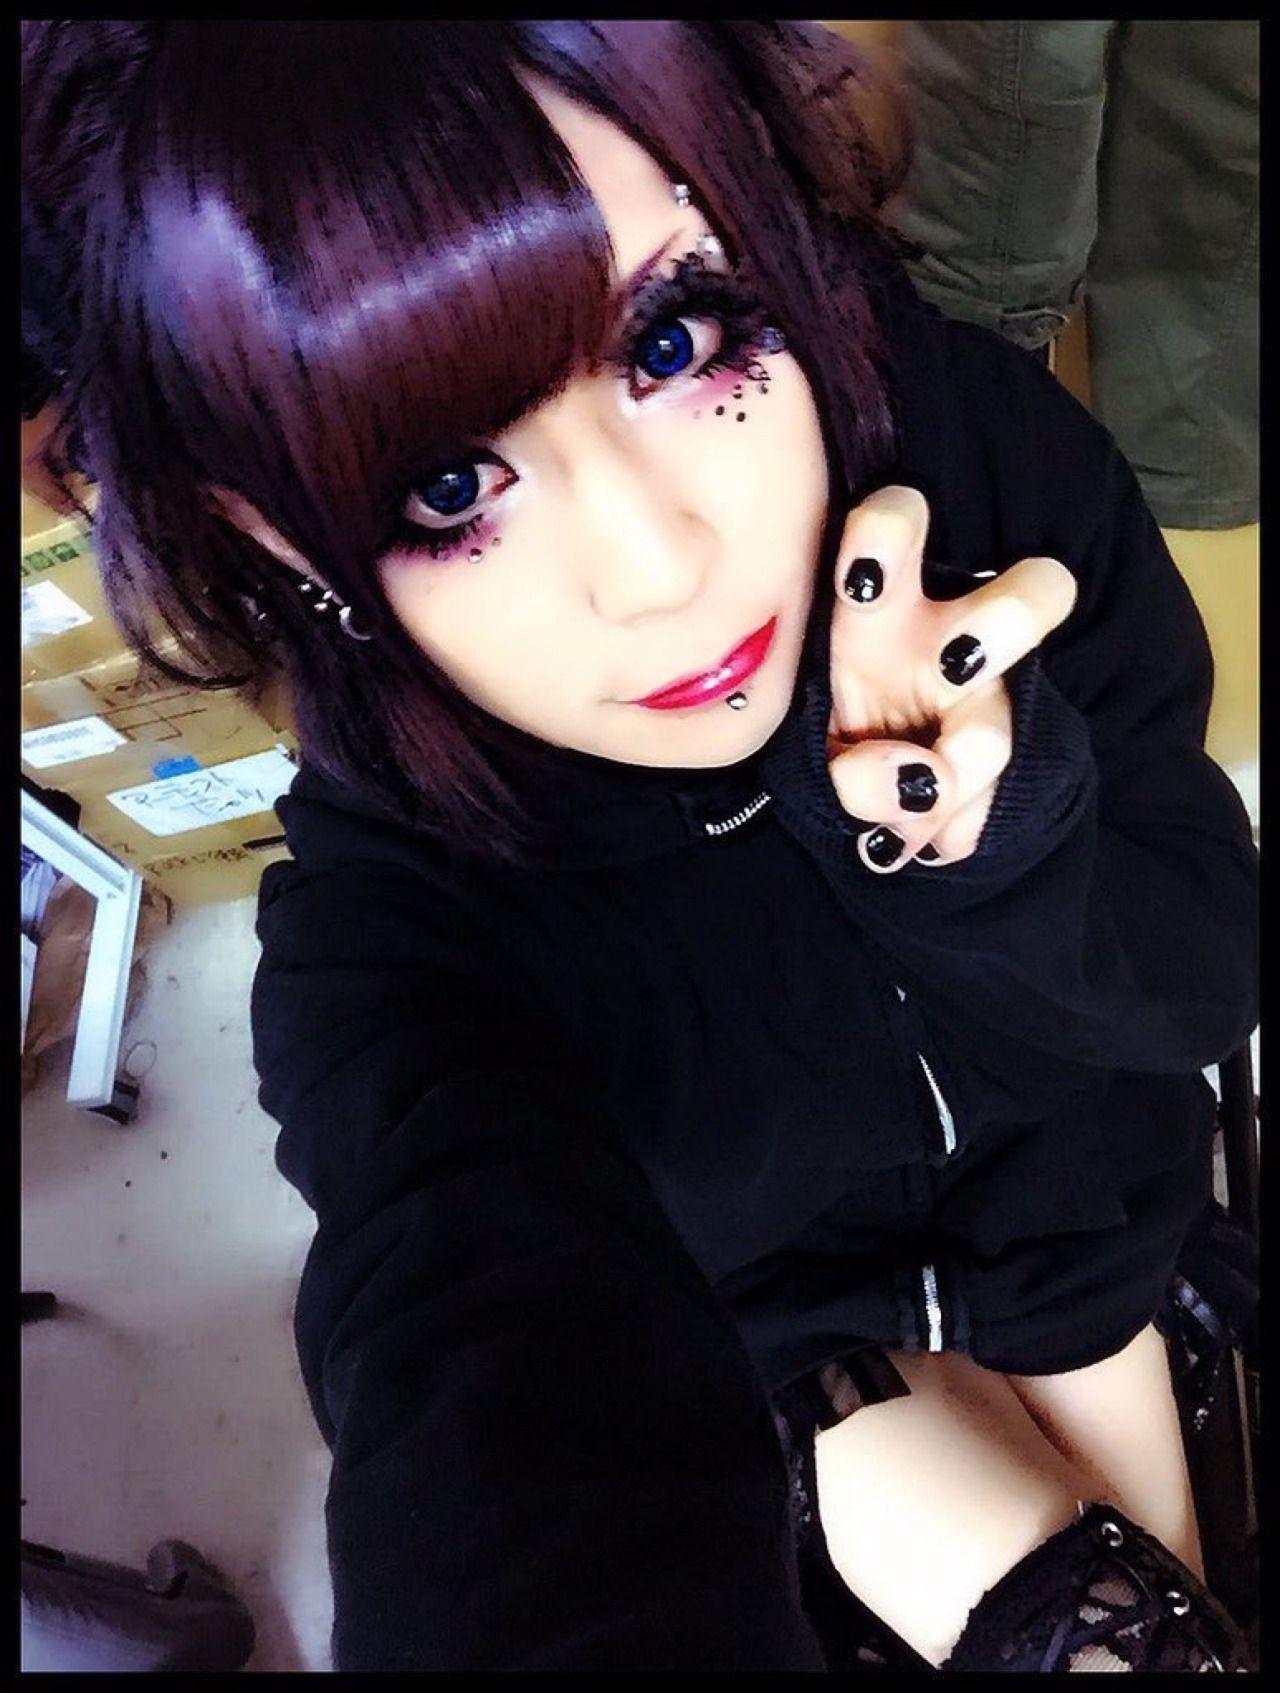 Takashi: dadaroma